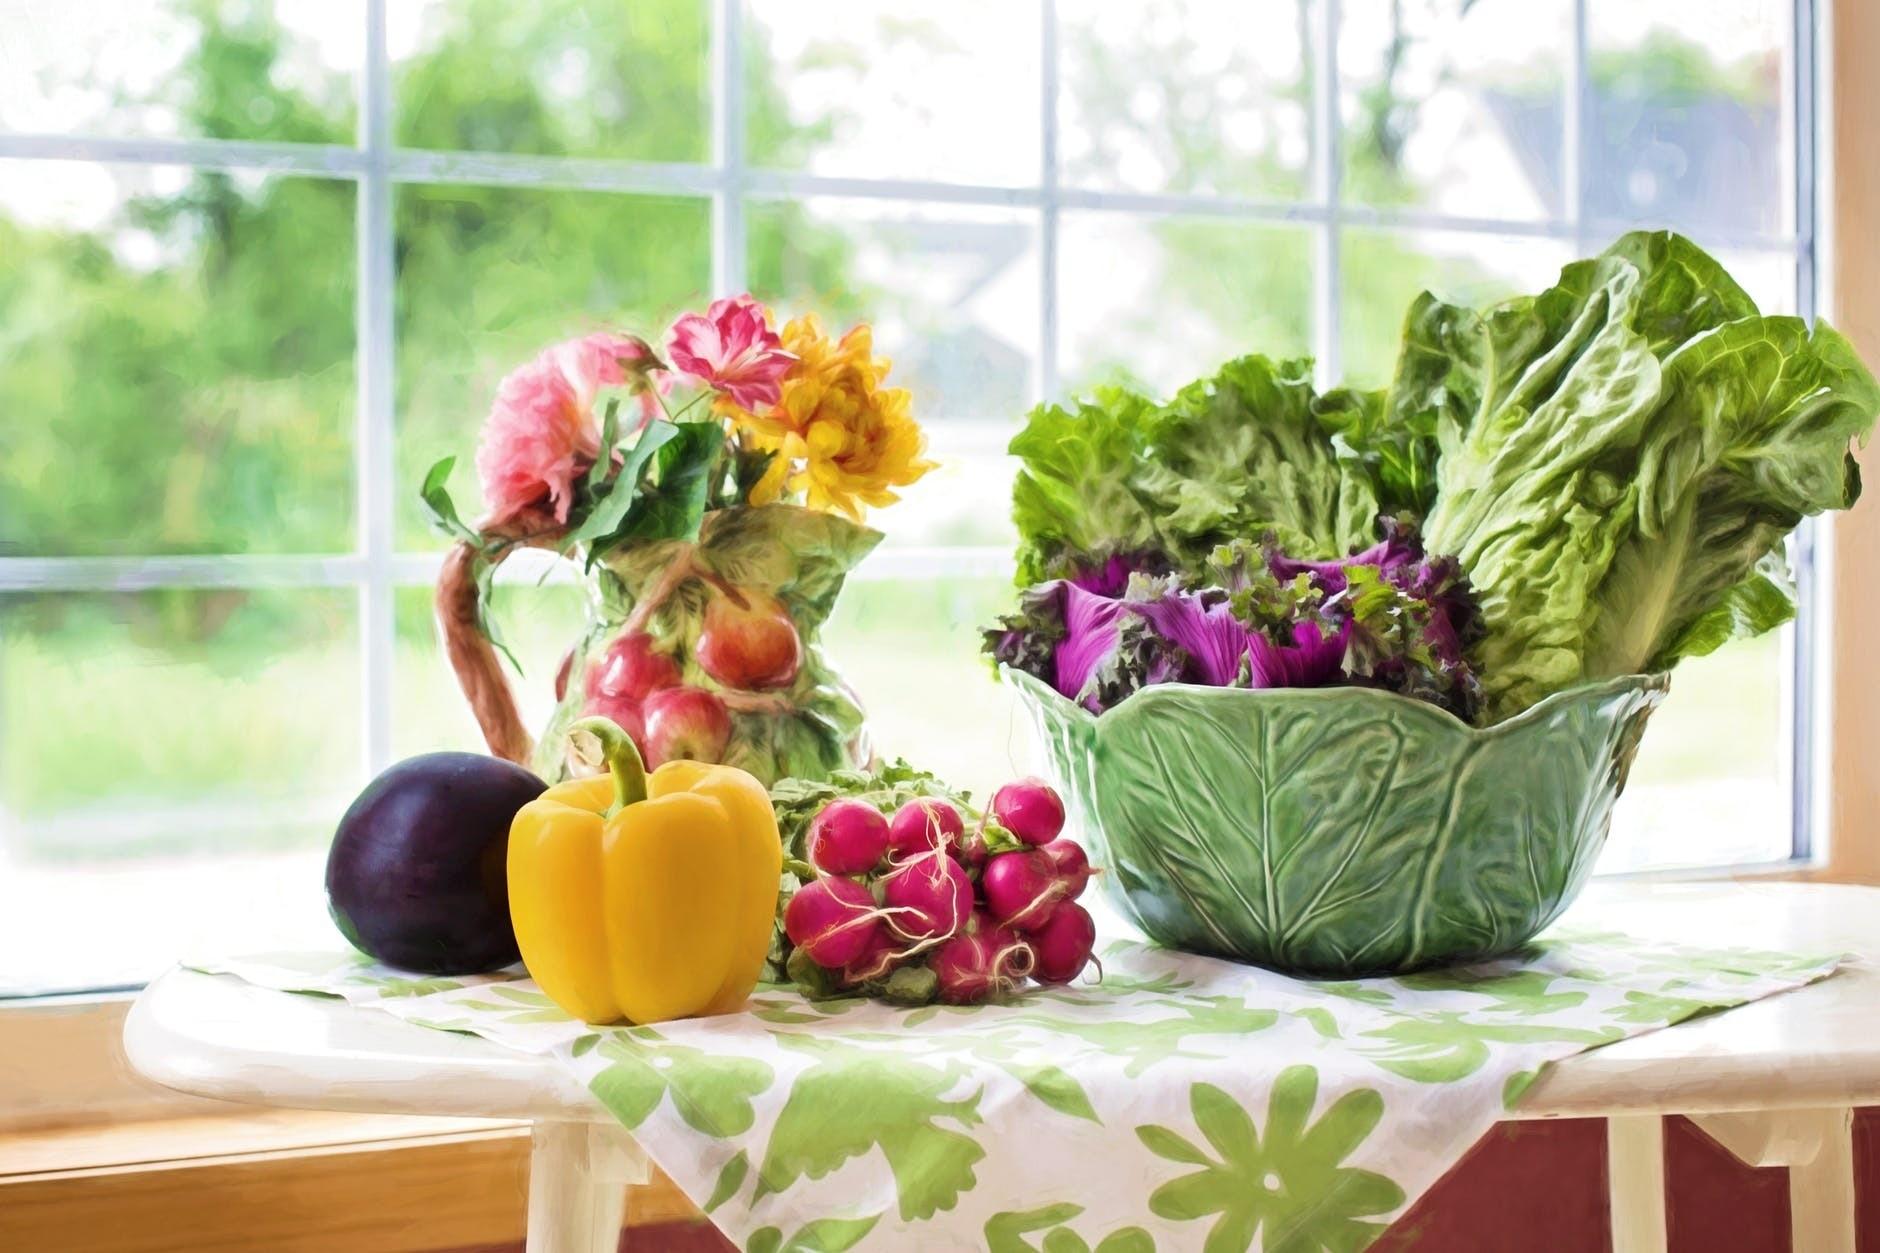 Оформляем праздничный стол: как сделать красивую овощную нарезку